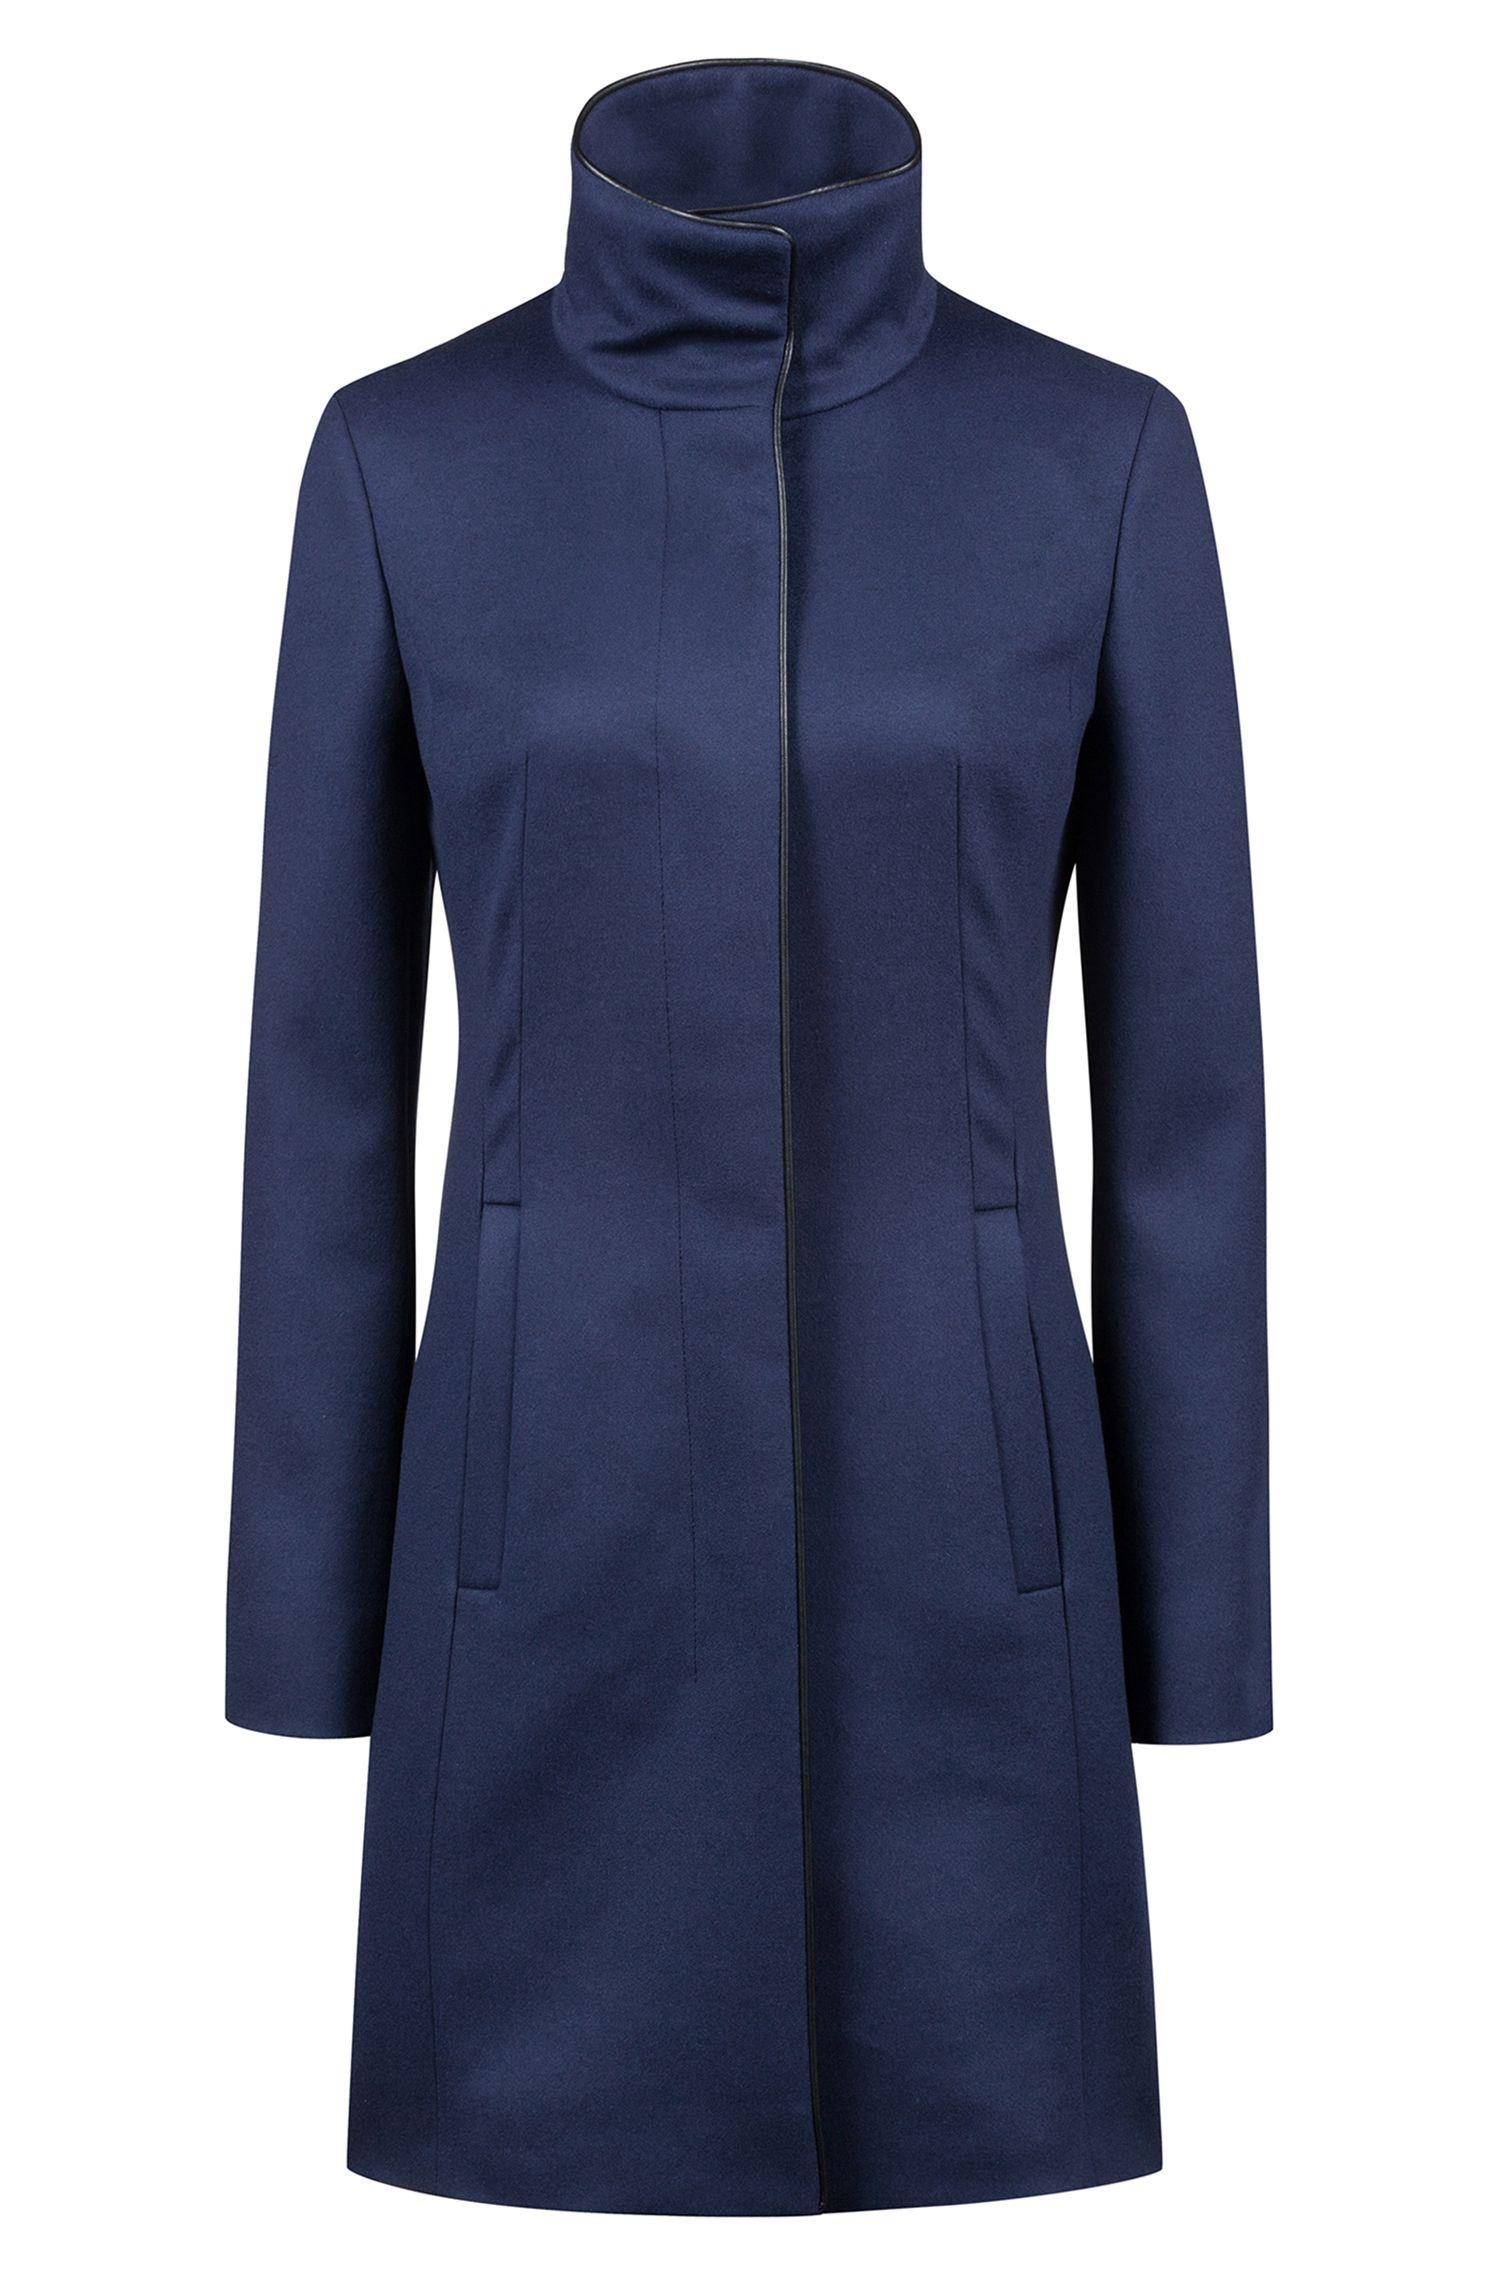 Cappotto slim fit in misto lana vergine con profili